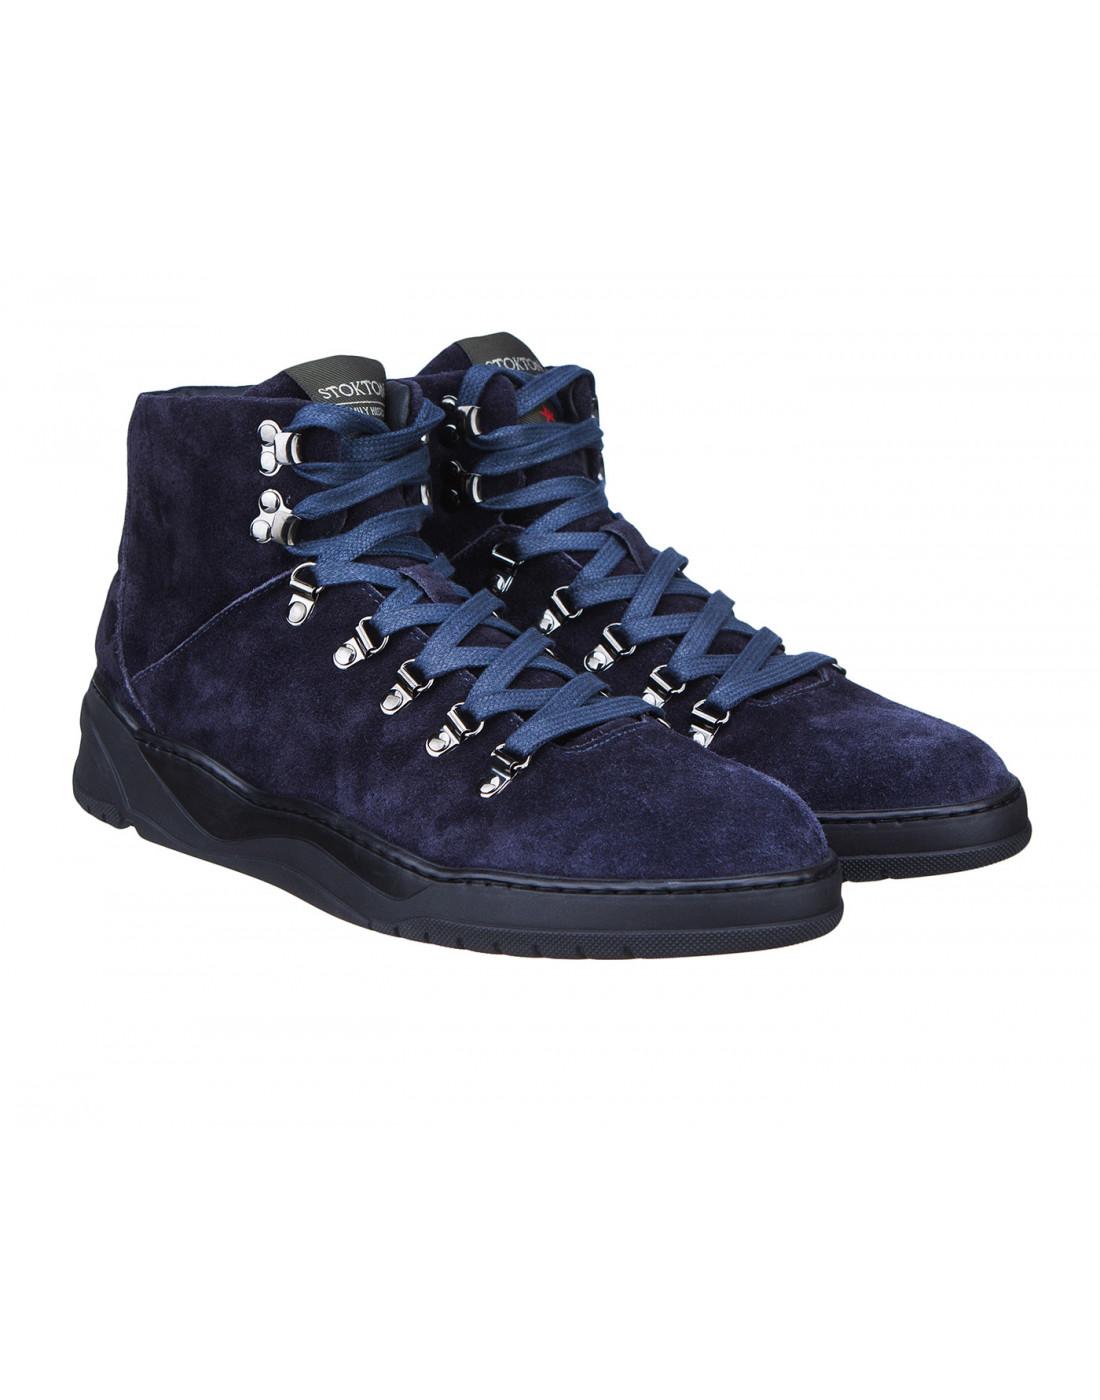 Кроссовки синие мужские Stokton S667 BLUE-2